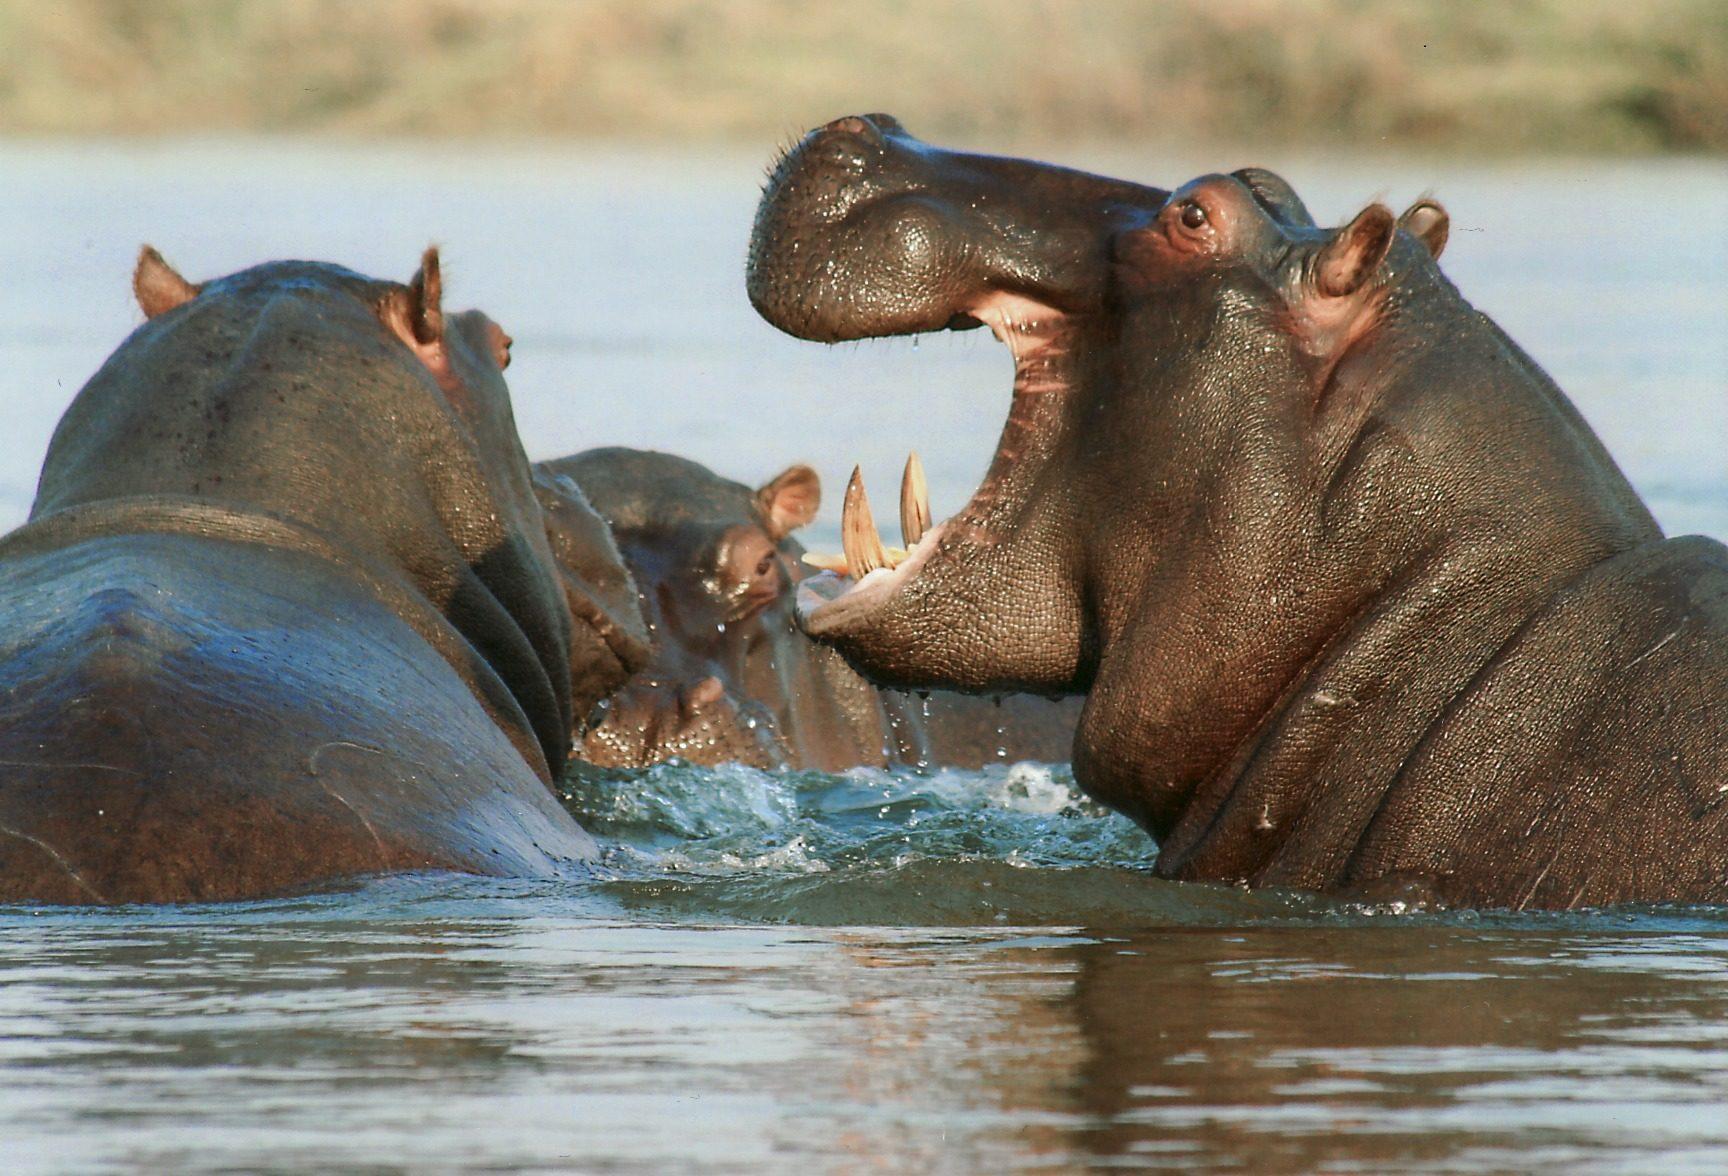 Бегемоты, зубы, Река, Намибия, Африка - Обои HD - Профессор falken.com